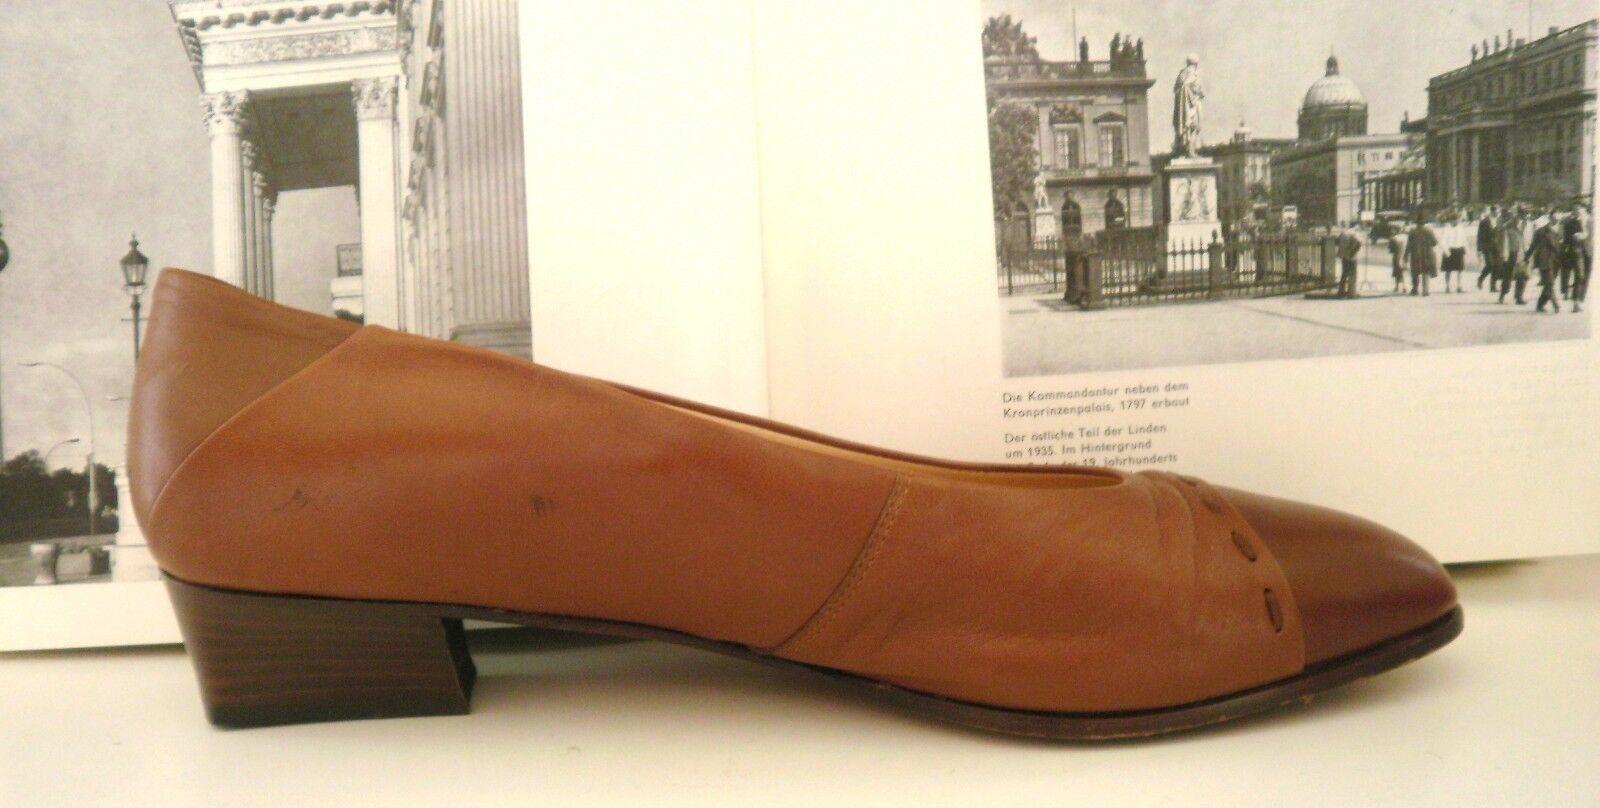 Zapatos de mujer baratos zapatos de mujer Descuento por tiempo limitado Damen Pumps Loafer RENÉ  TRUE VINTAGE Fußbett braun brown  7 Halbschuh Ballerina